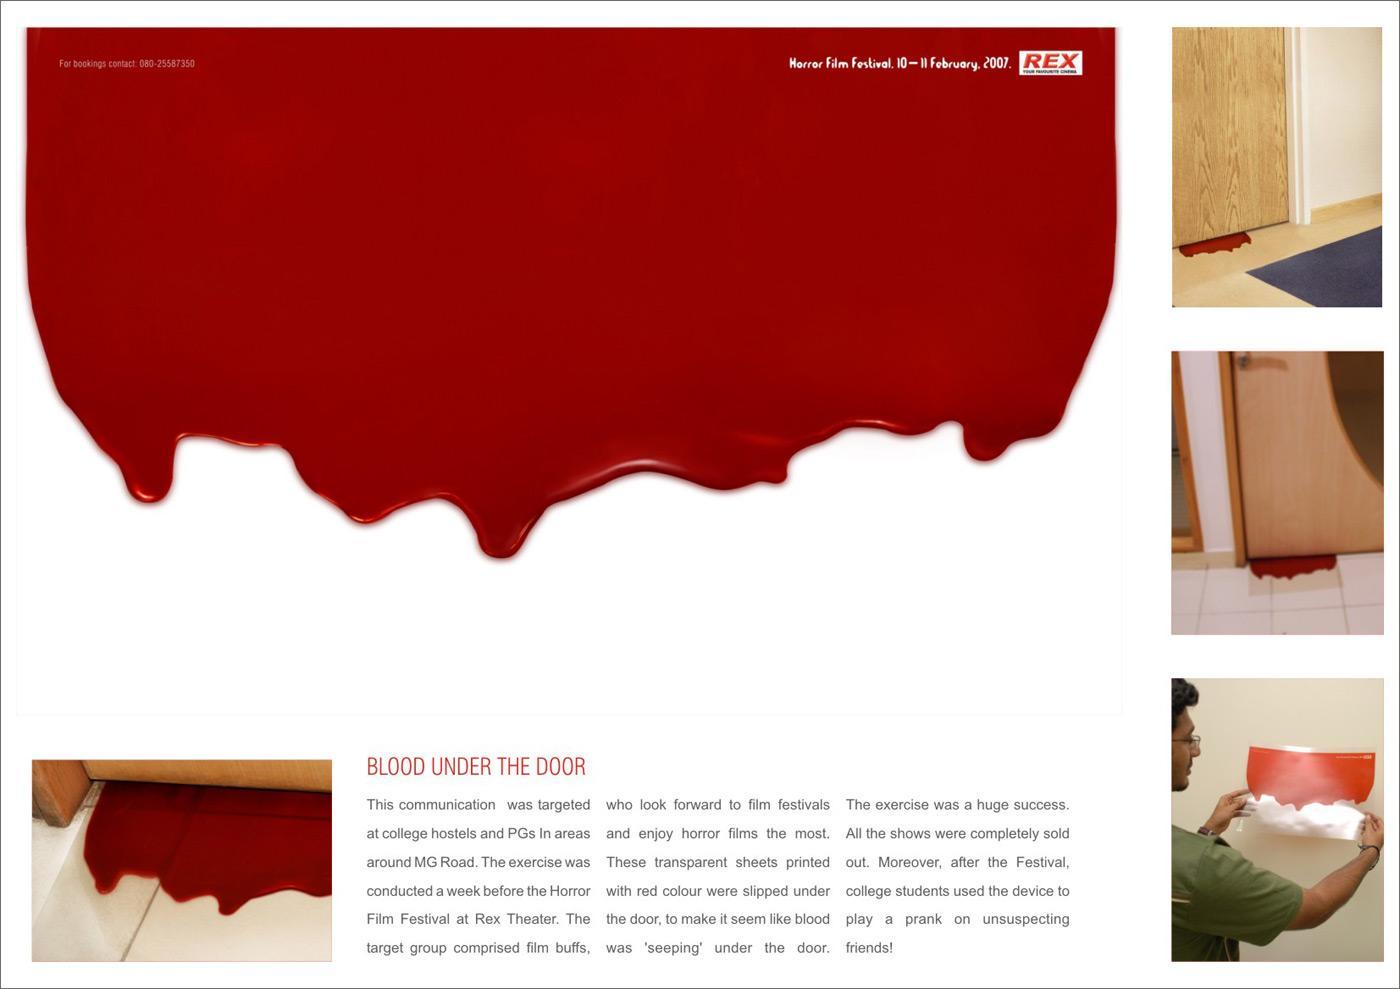 Blood Under The Door